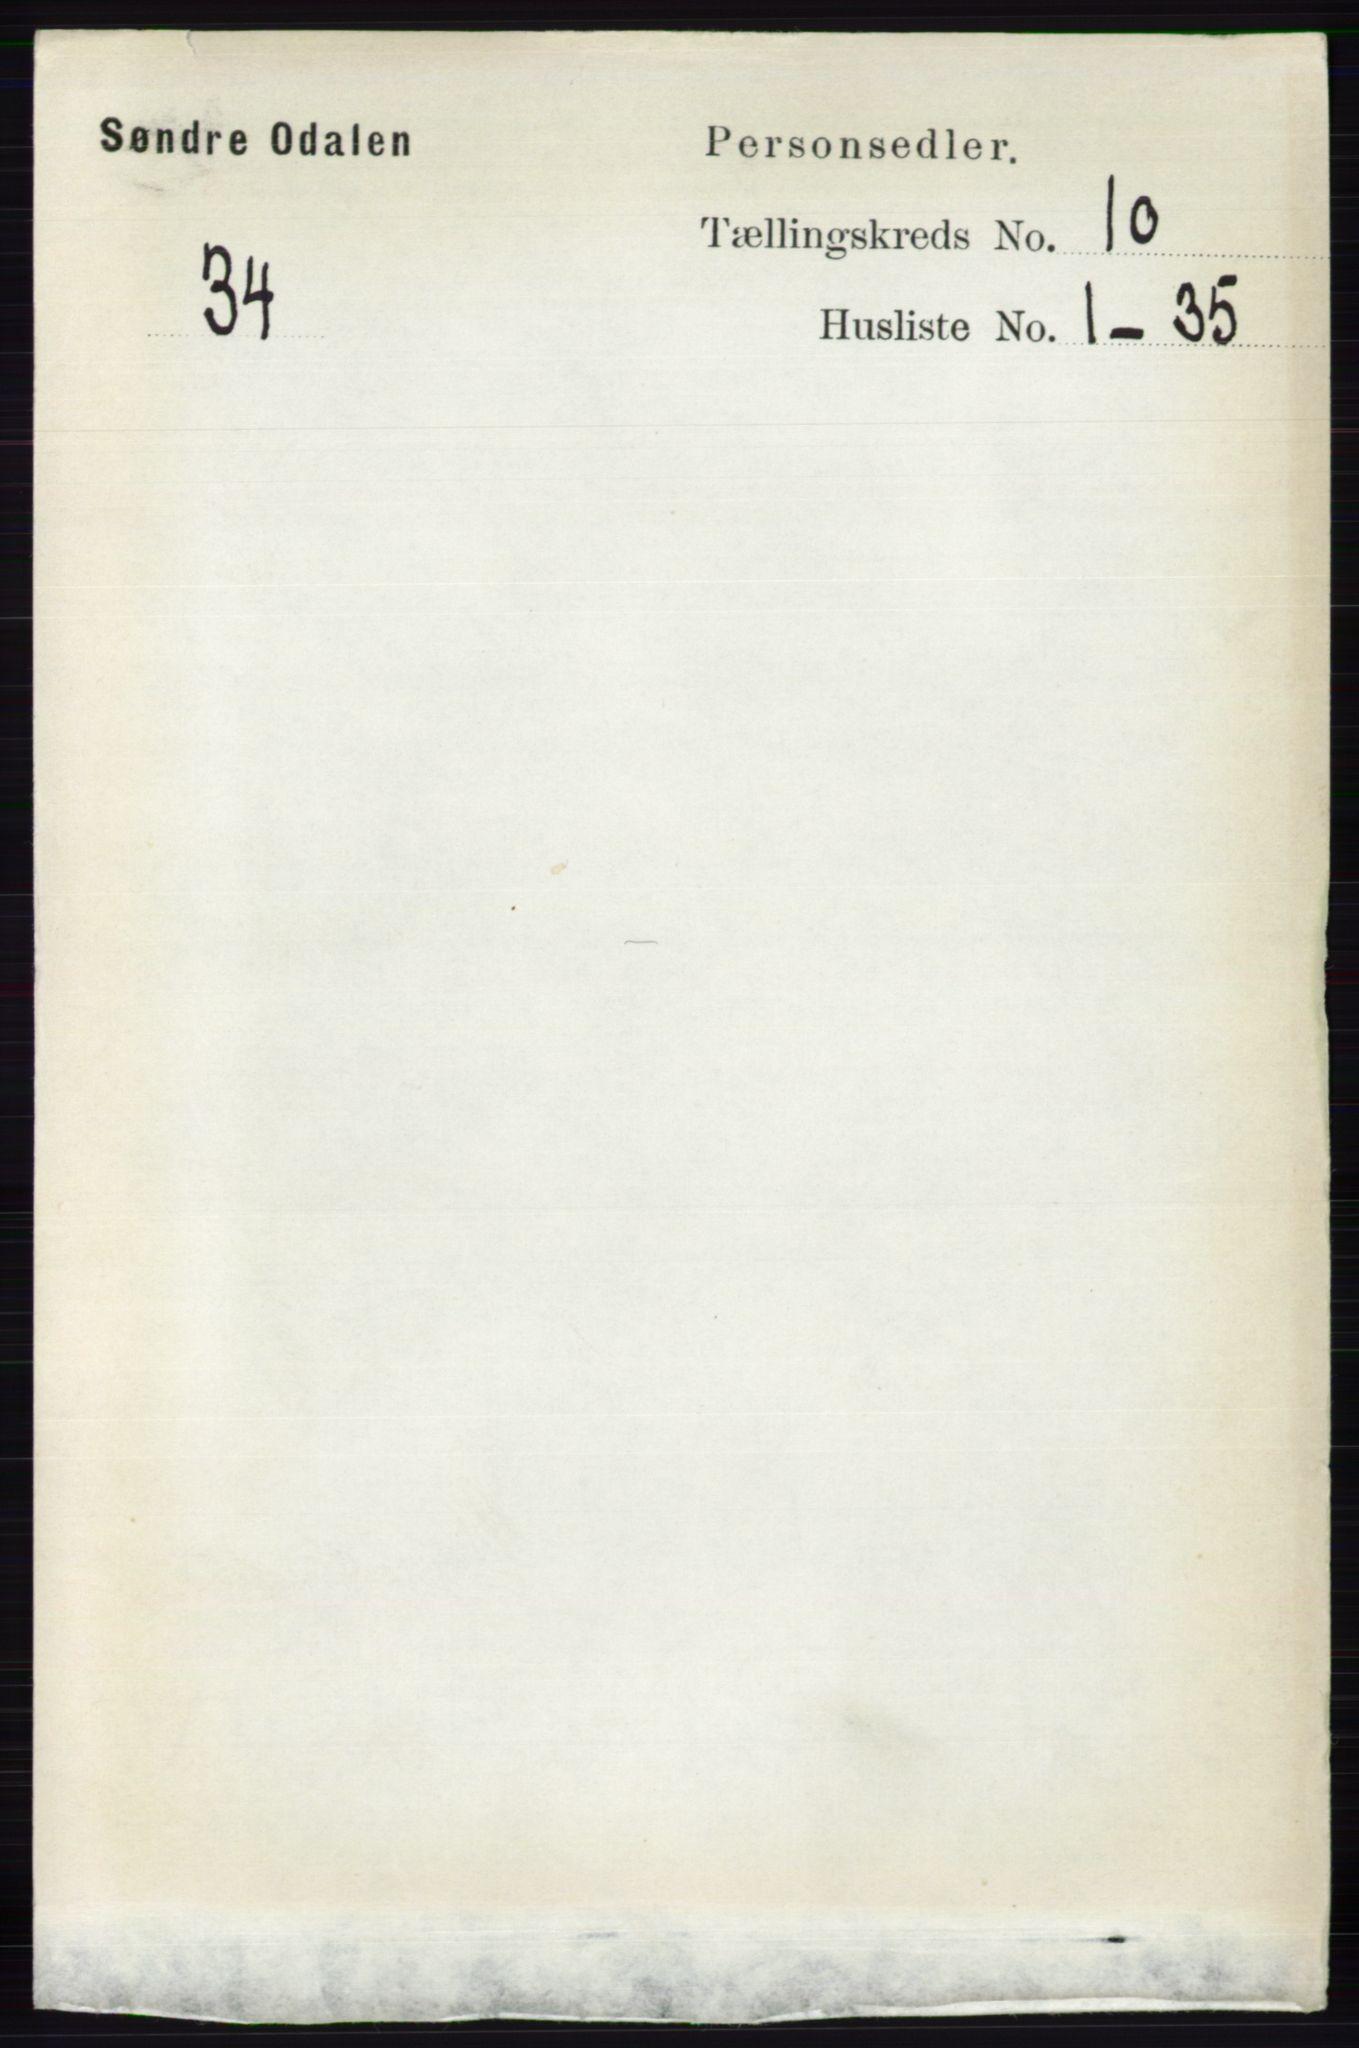 RA, Folketelling 1891 for 0419 Sør-Odal herred, 1891, s. 4365